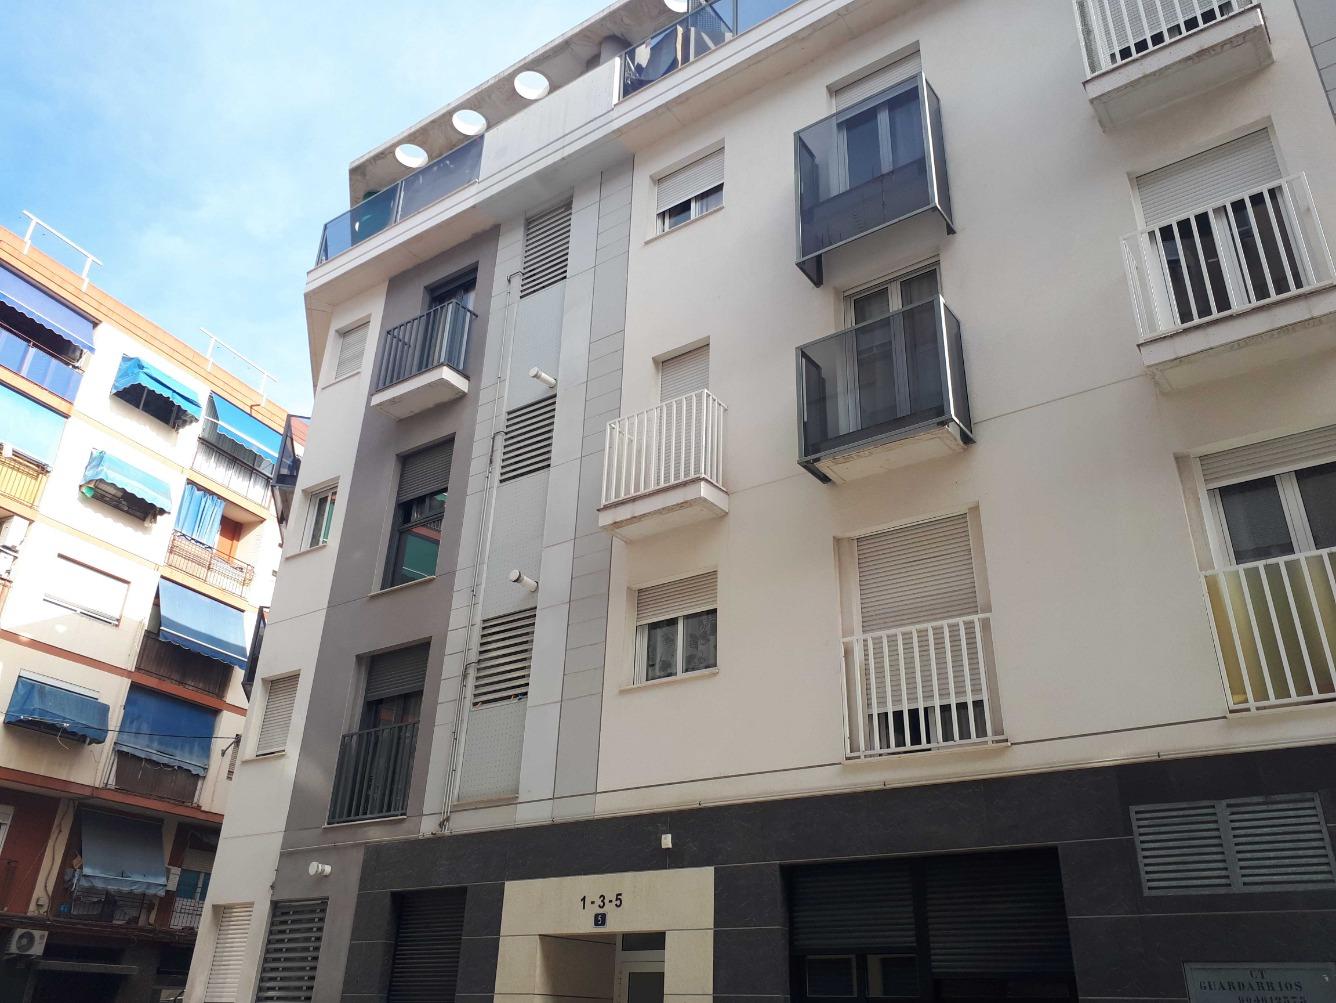 Piso en venta  en Calle Guardamar , Alicante / Alacant